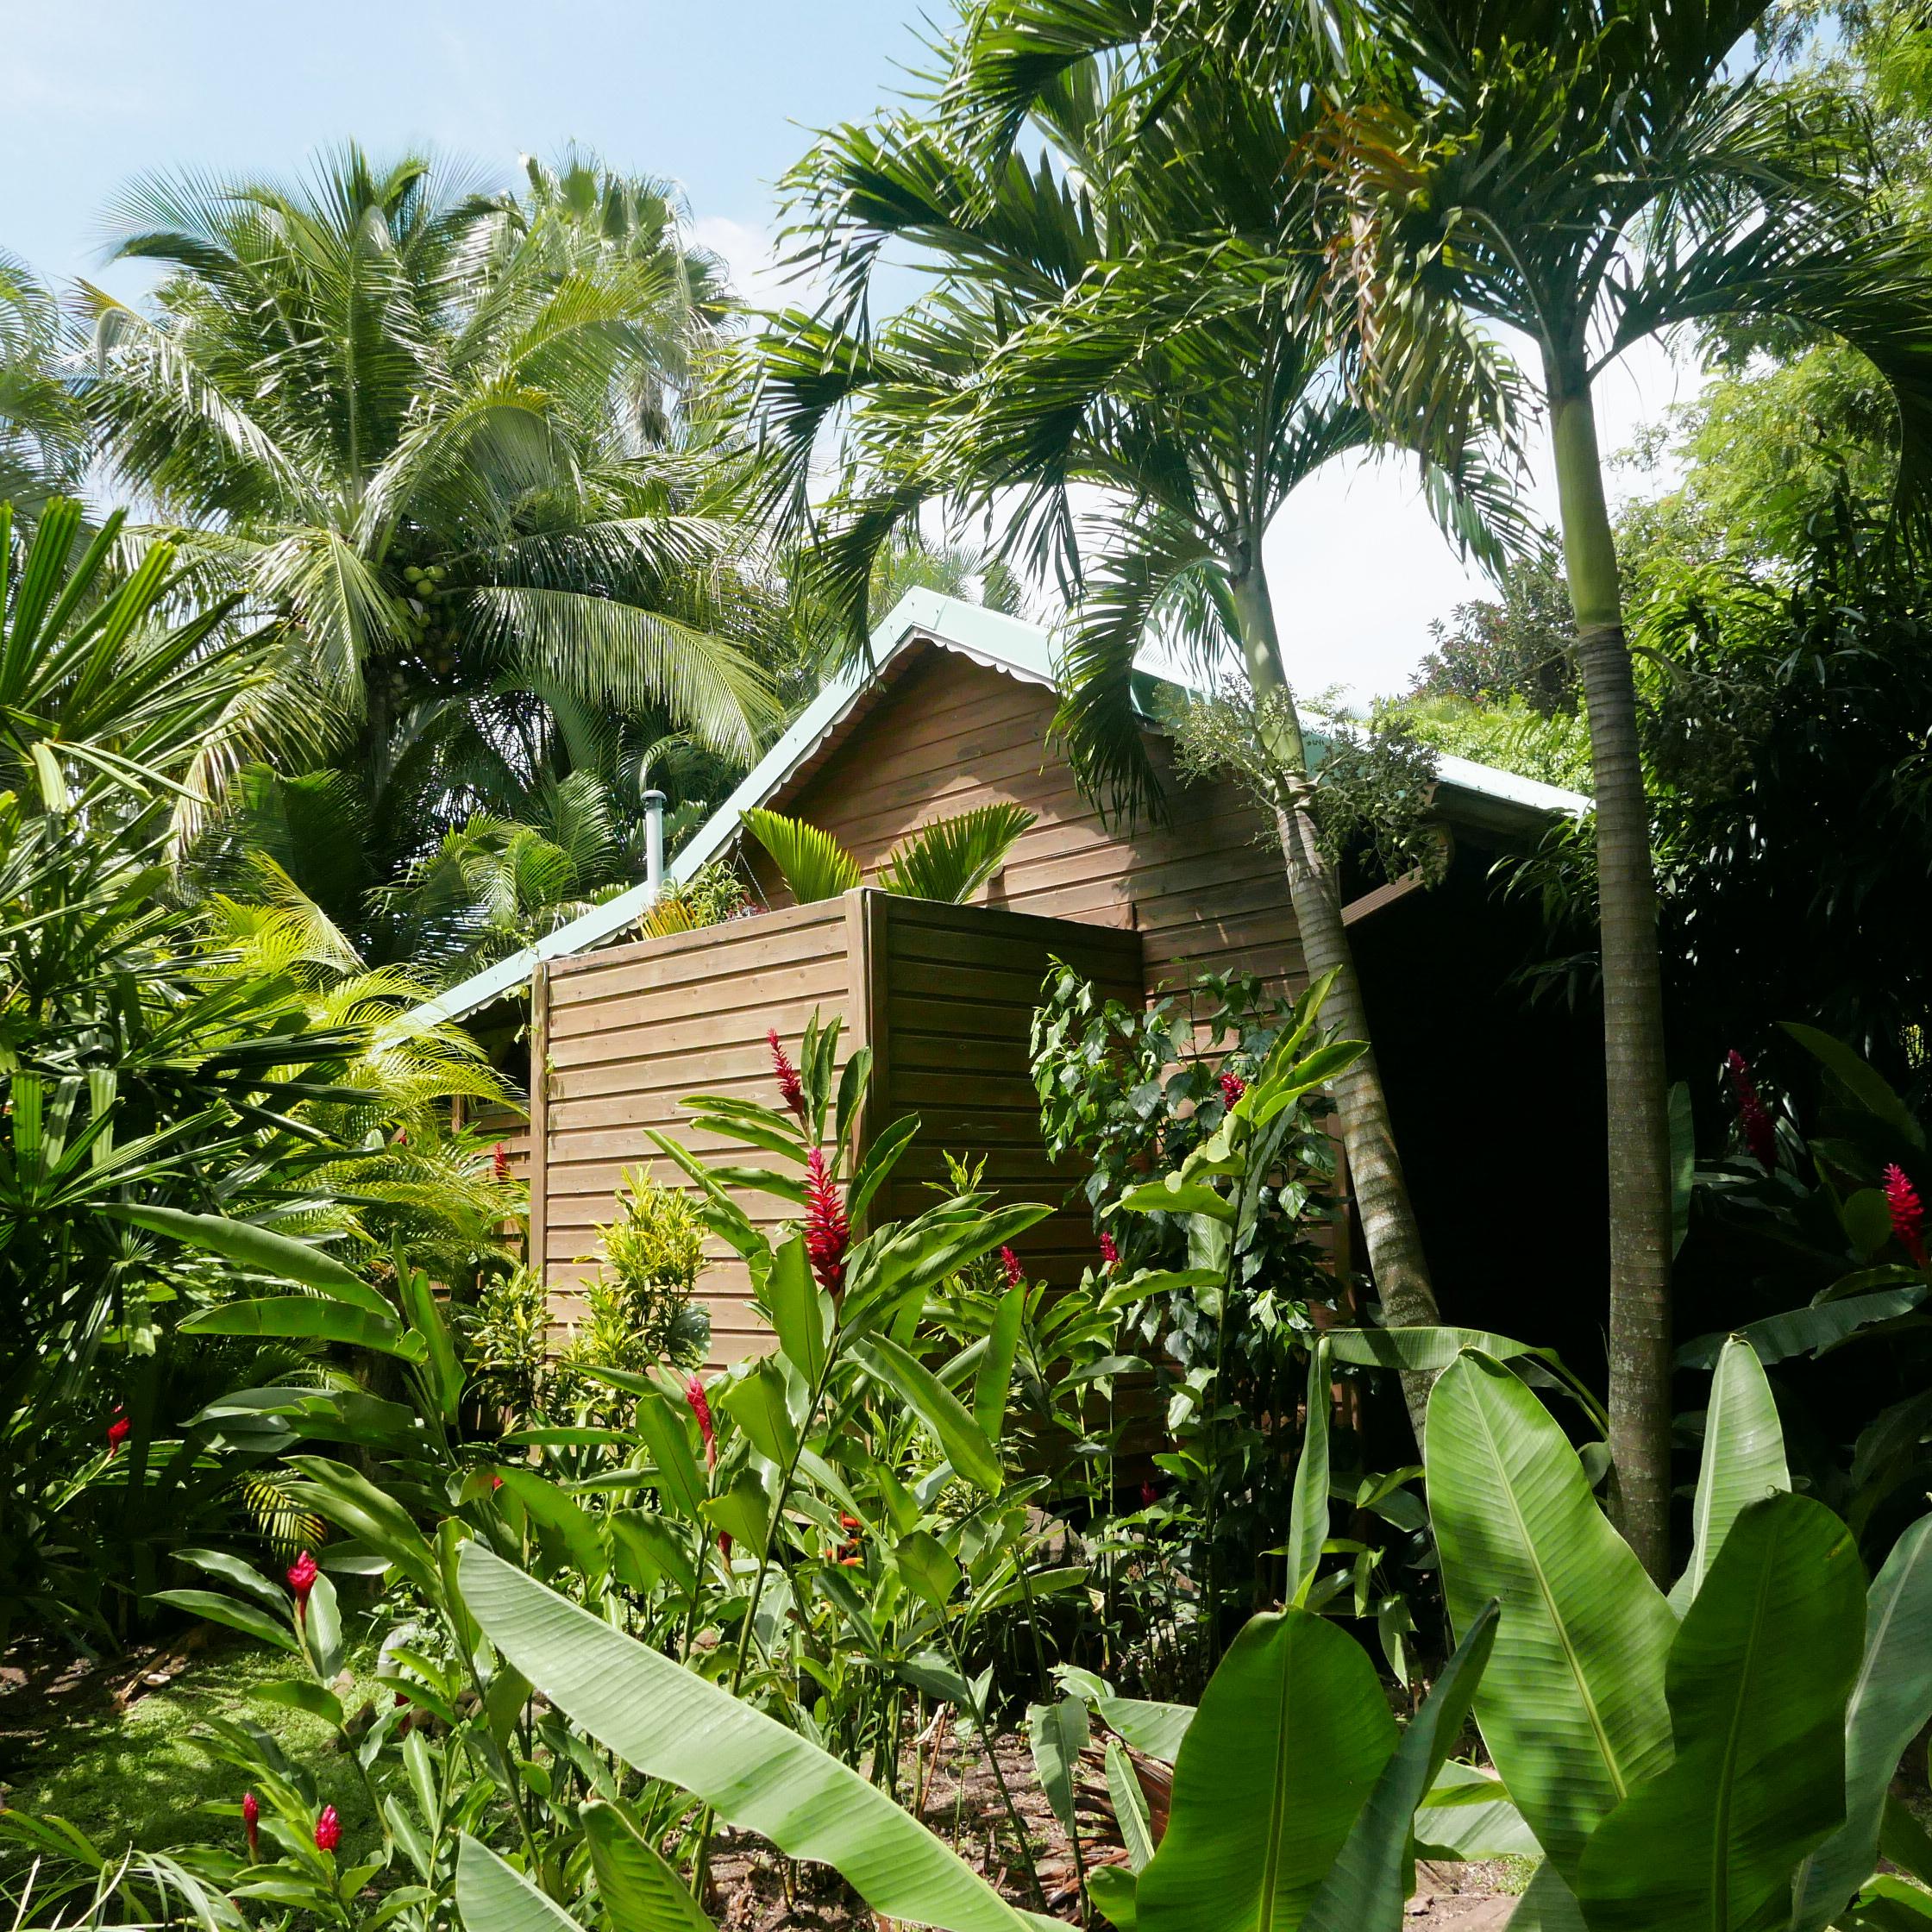 Tendance Eco-Lodge : L'exemple Du Jardin Des Colibris En ... avec Au Jardin Des Colibris